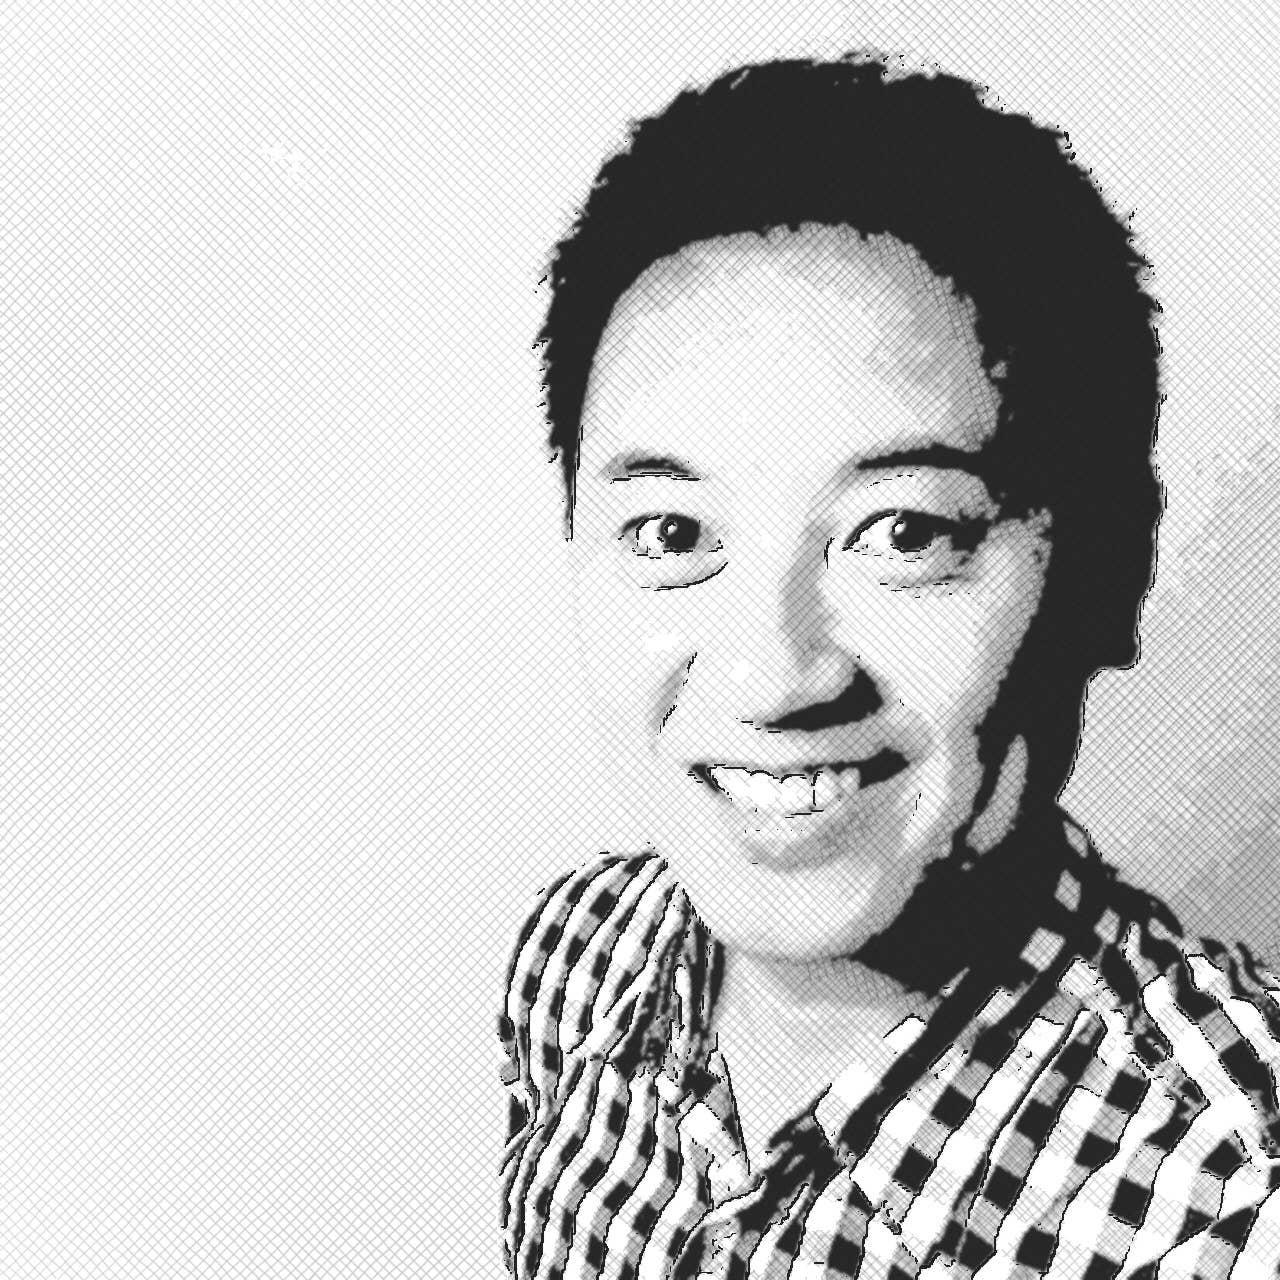 Shinichiro UEMURA